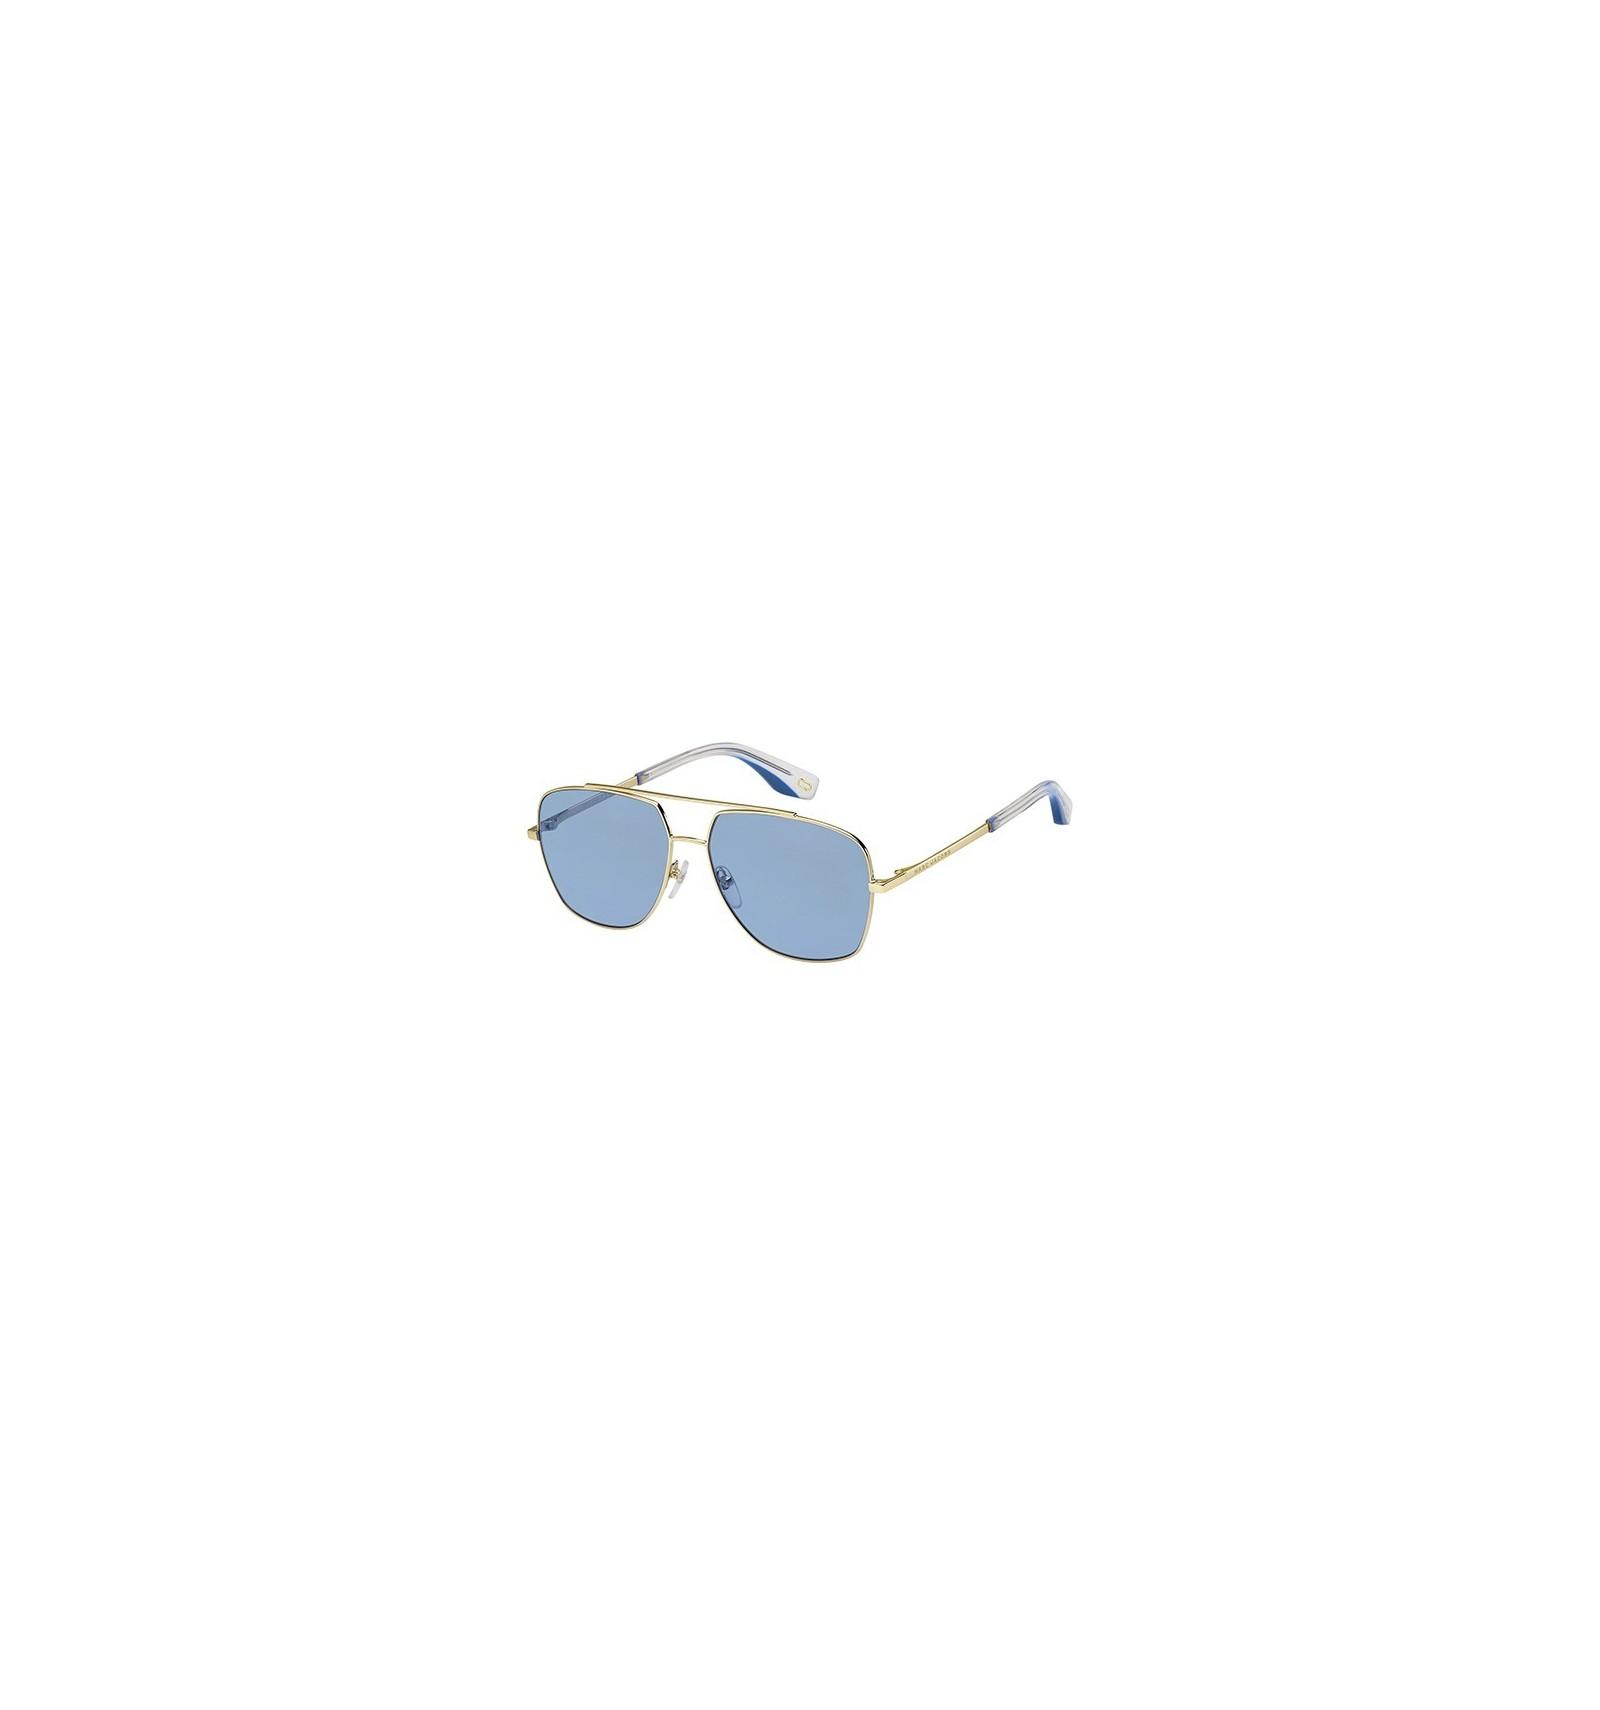 Ulleres de Sol MARC JACOBS 271S Gold - Blue. Compra Online 941ac0179b